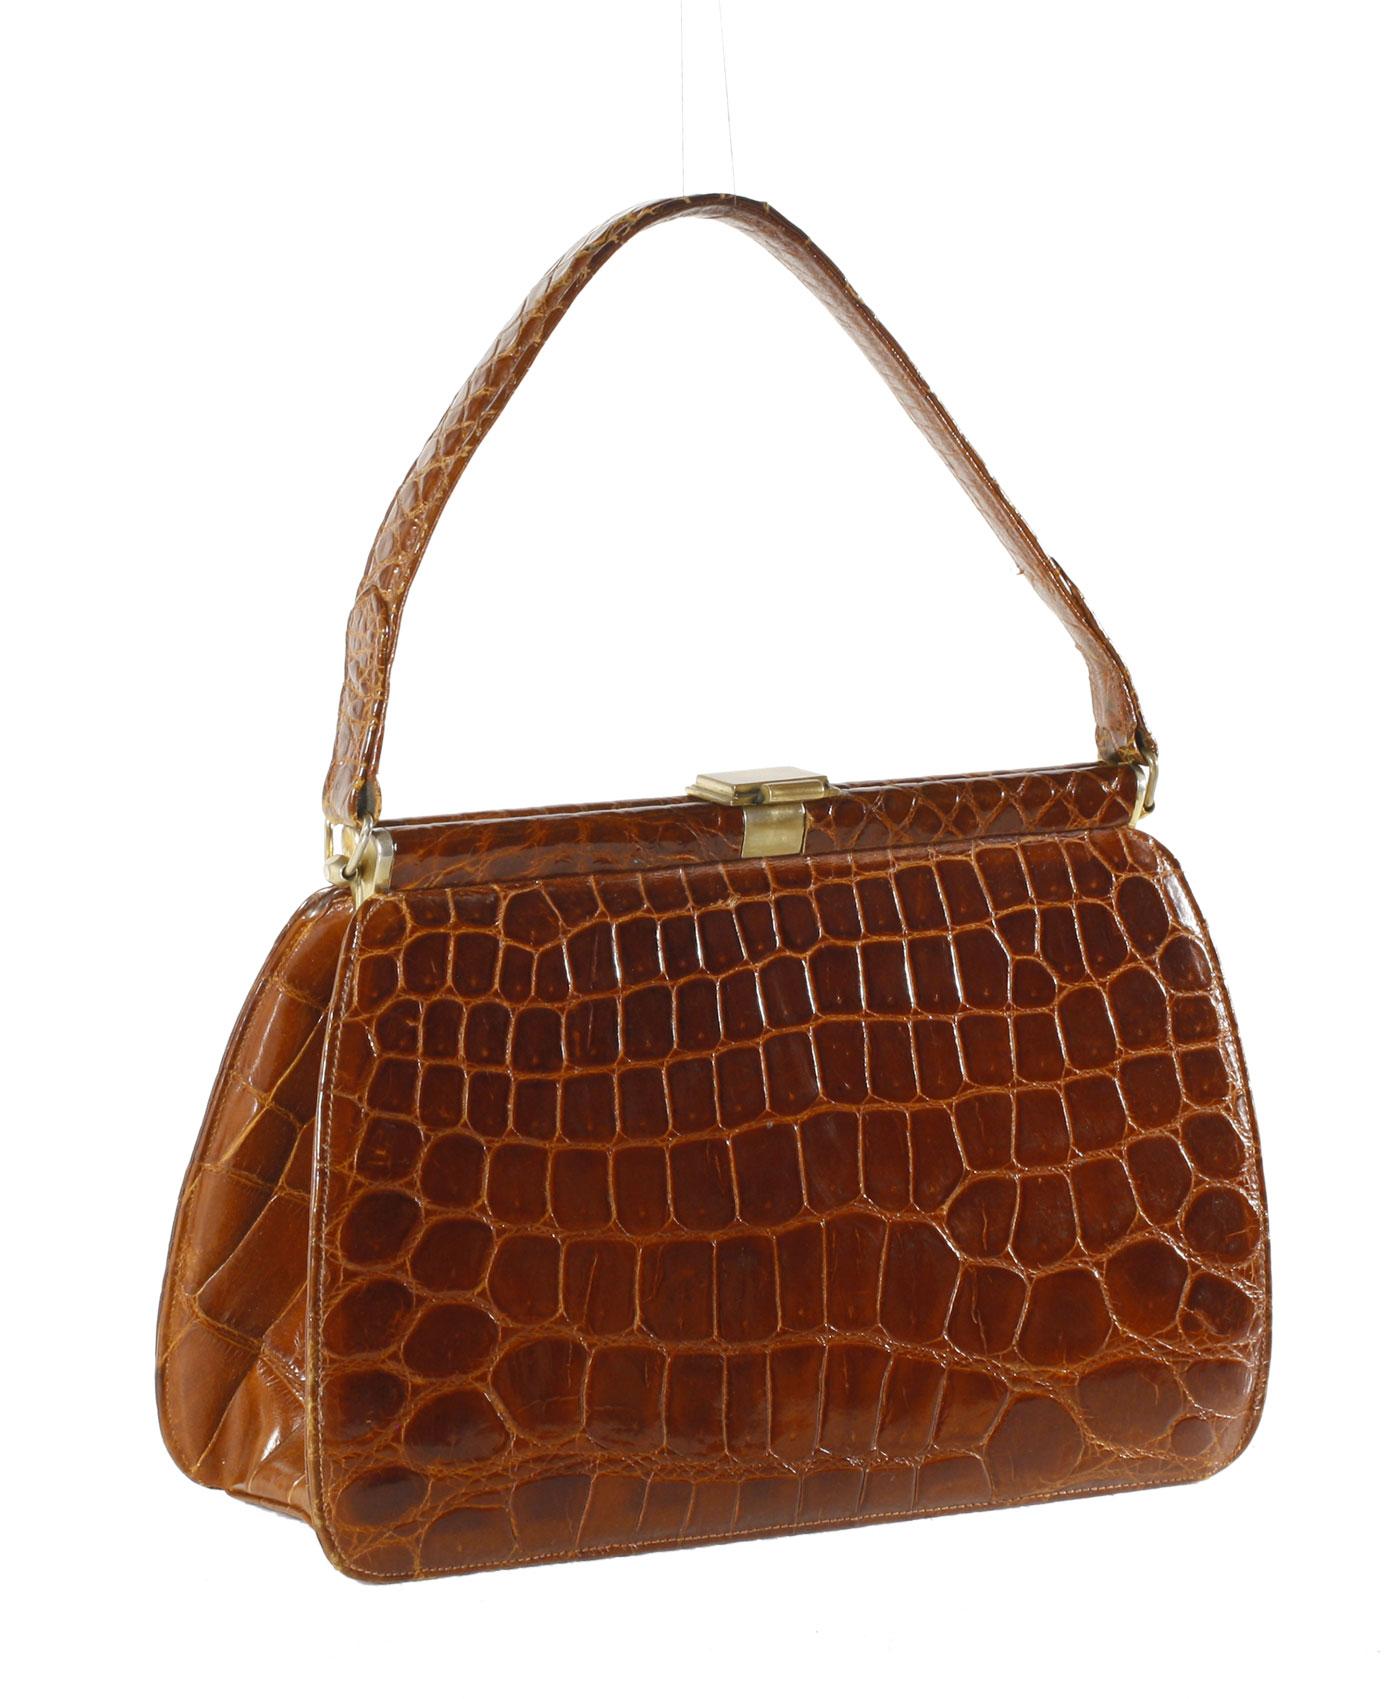 Crocodile bag '50s